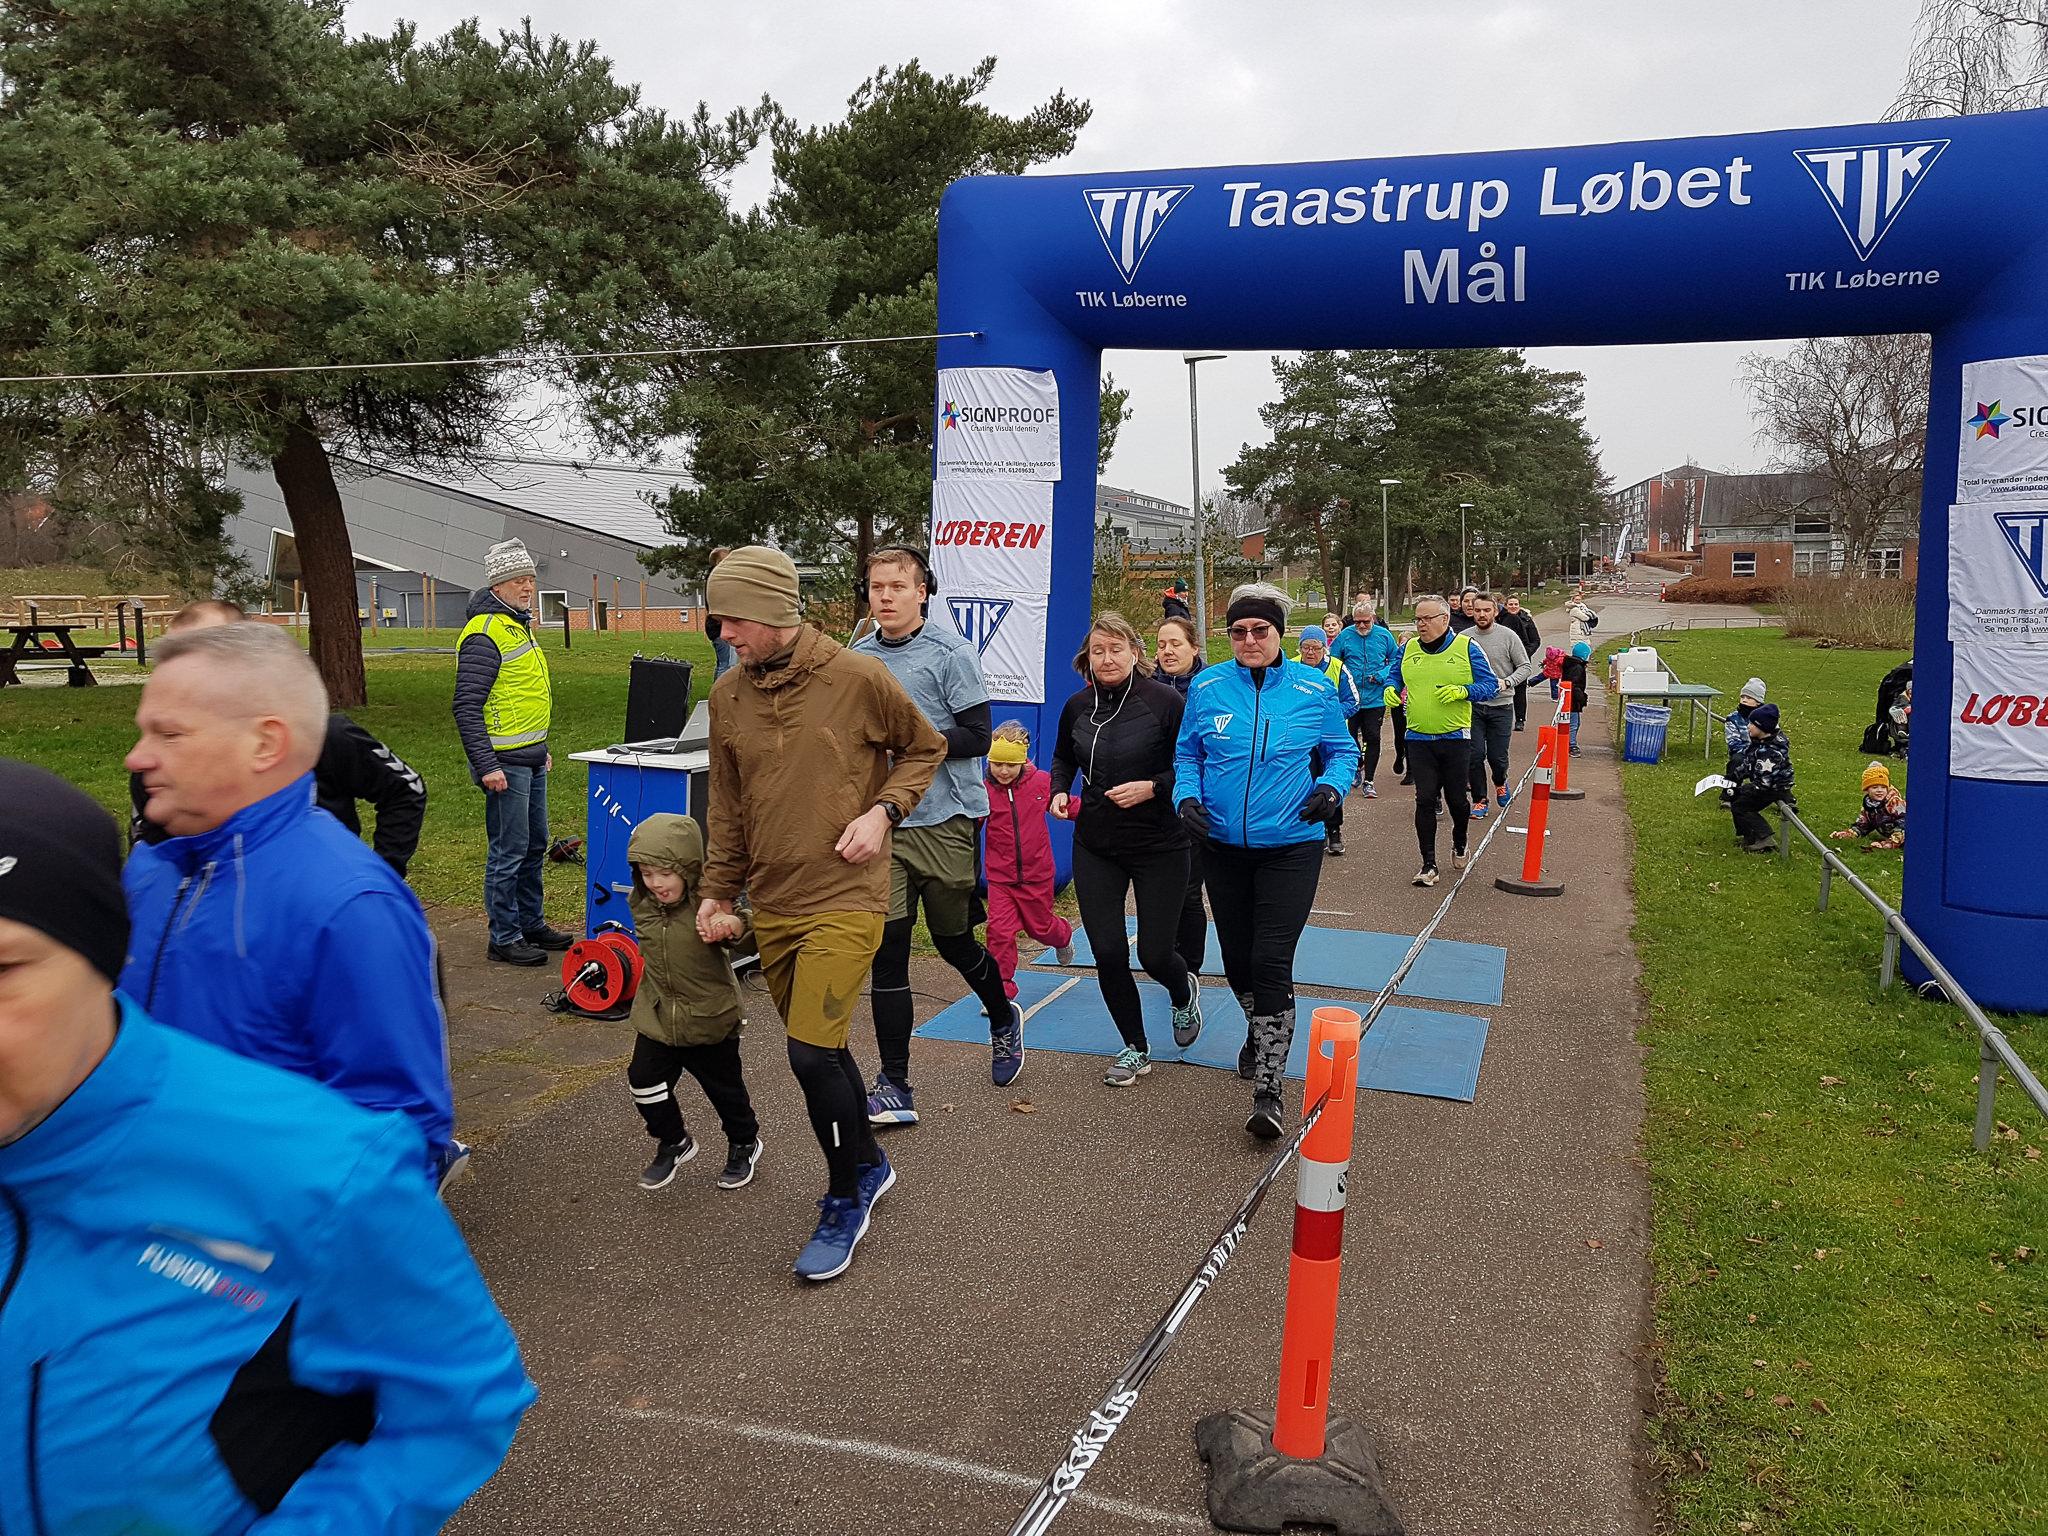 2020-02-09-215-Taastrup-Løbet-2020-02